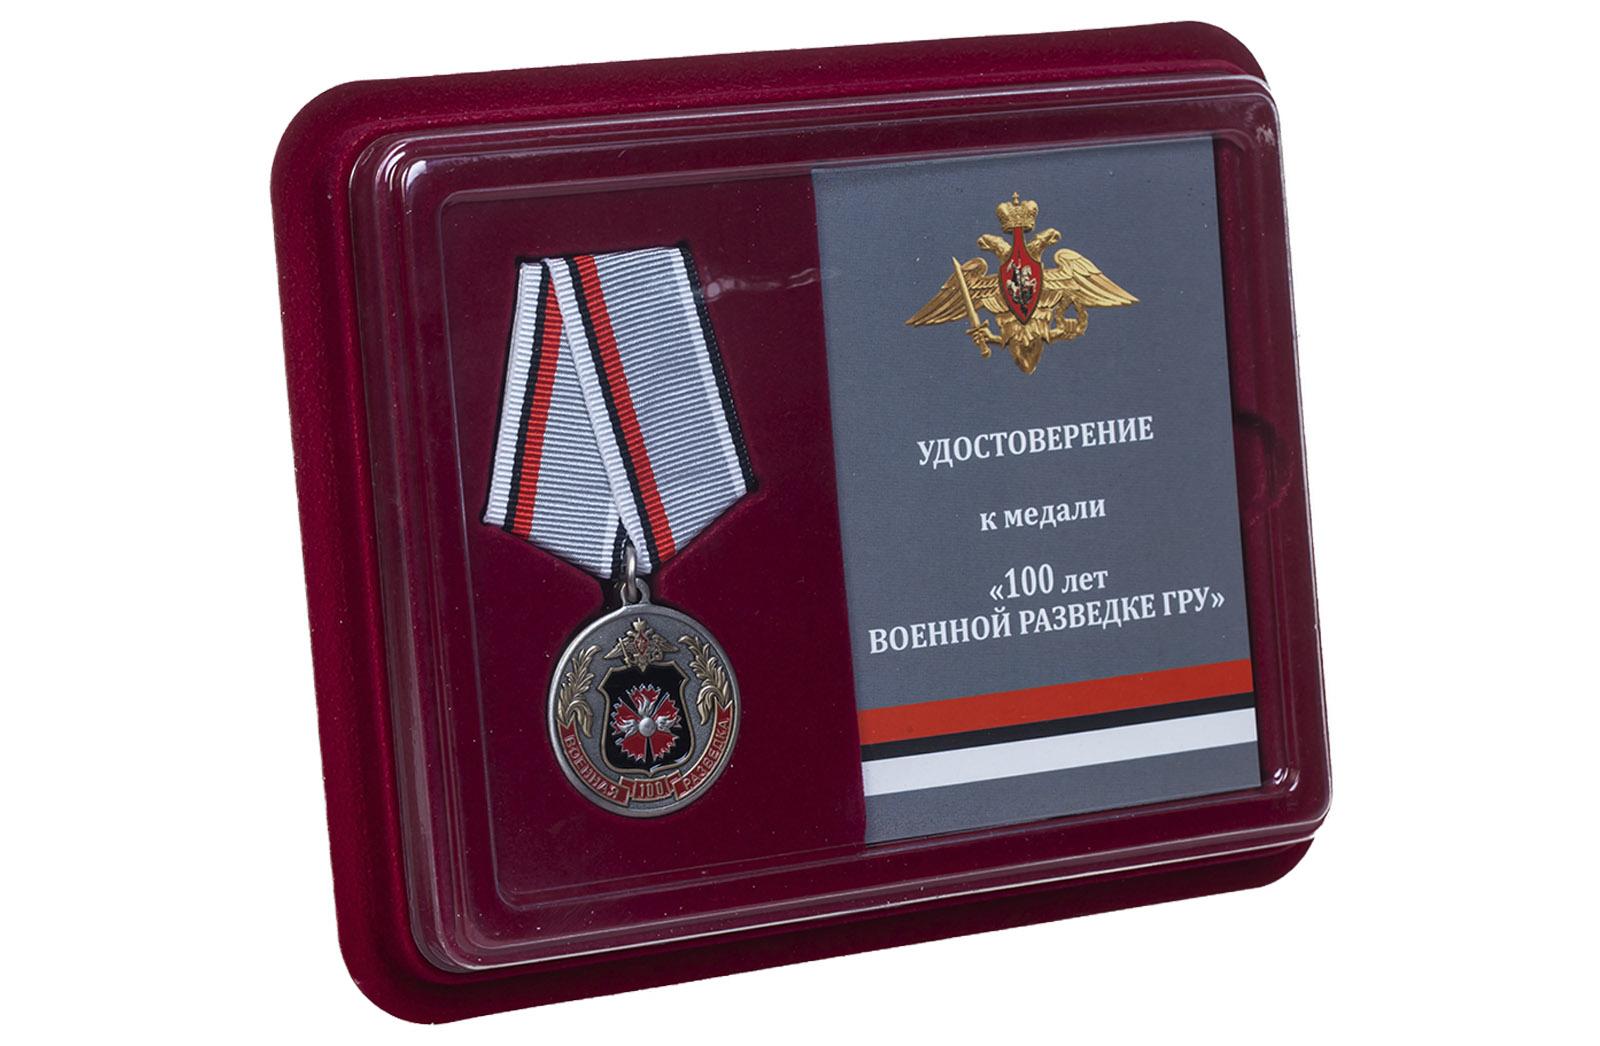 Юбилейная медаль 100 лет Военной разведки ГРУ - в футляре с удостоверением